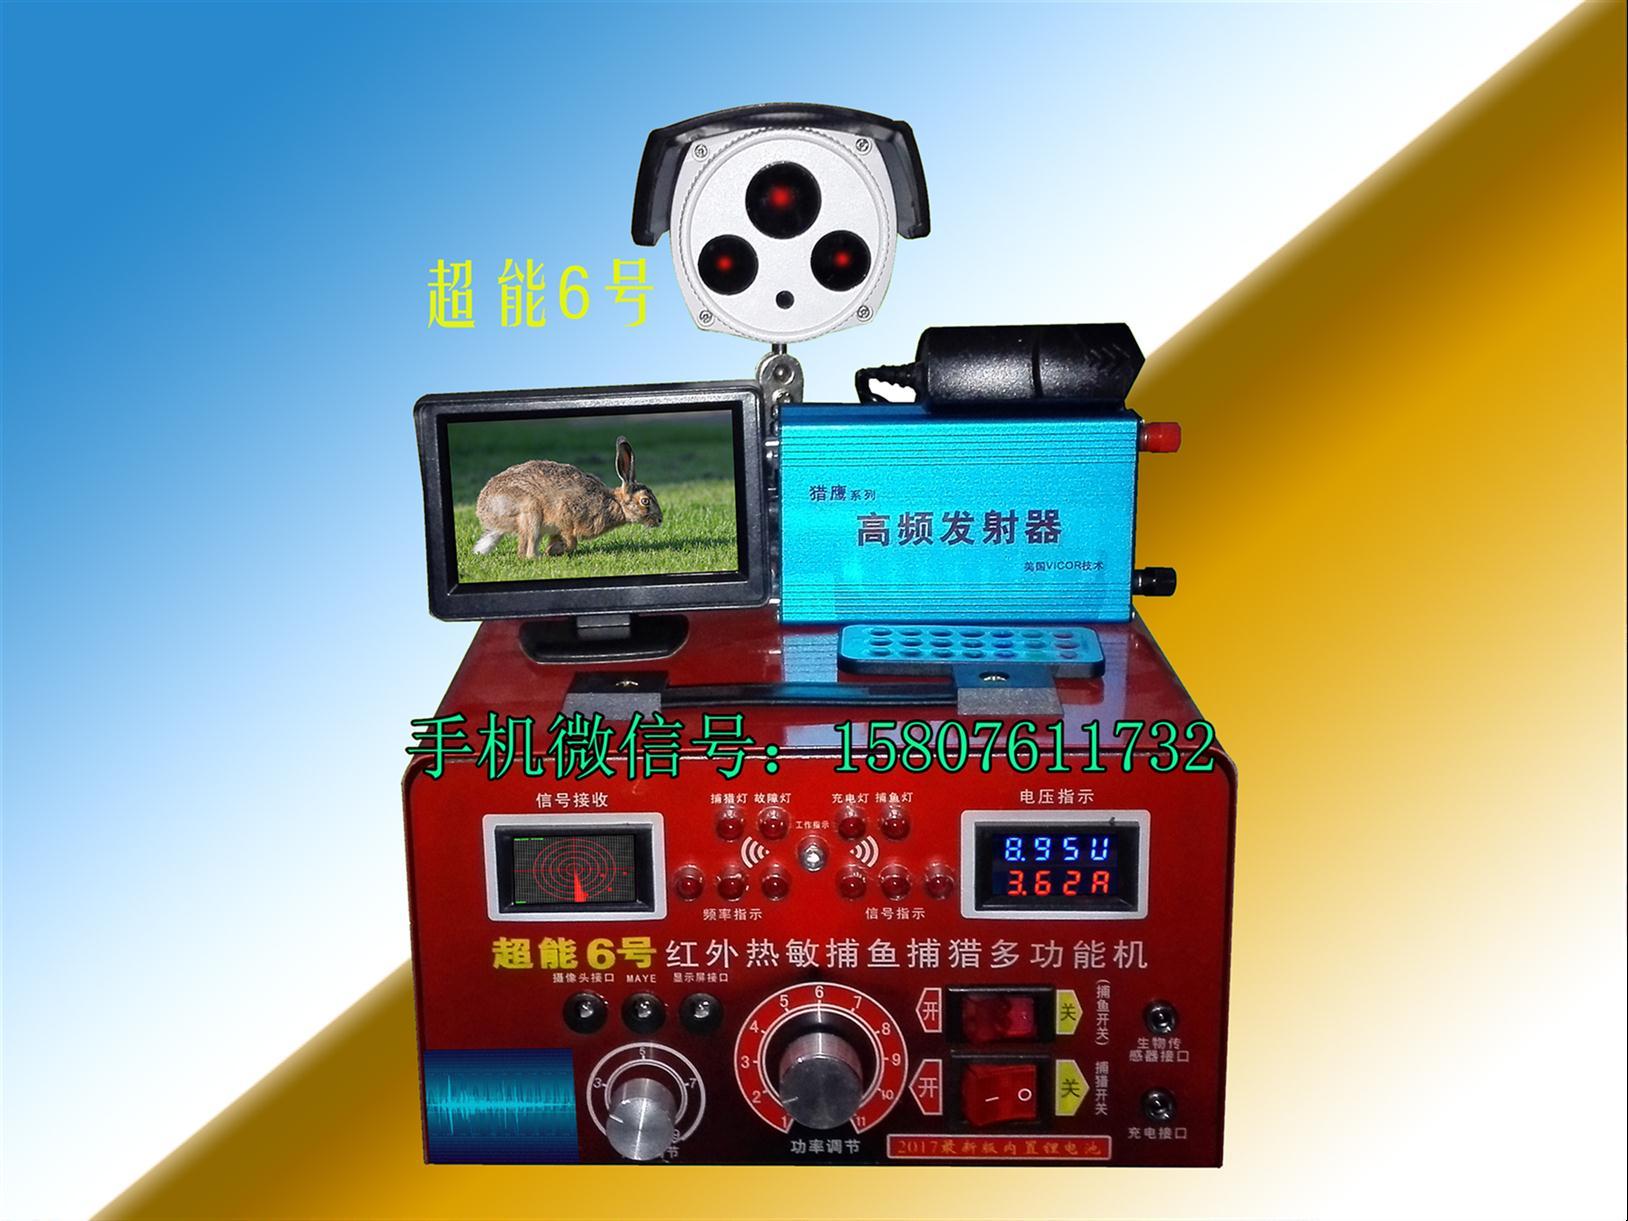 电瓶捕猎机多少钱 上海电瓶捕猎机 优质服务 超能